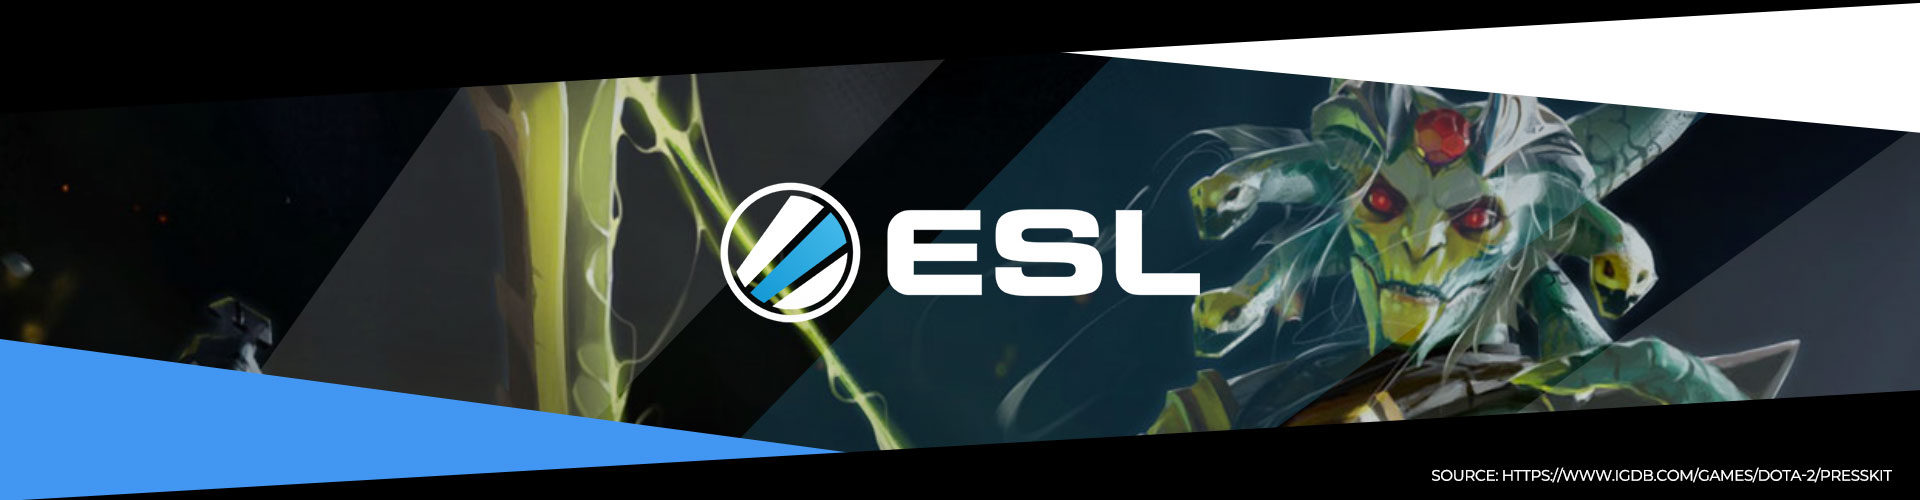 Eventsida för ESL One Hamburg med information om lagen, prispotten och formatet.